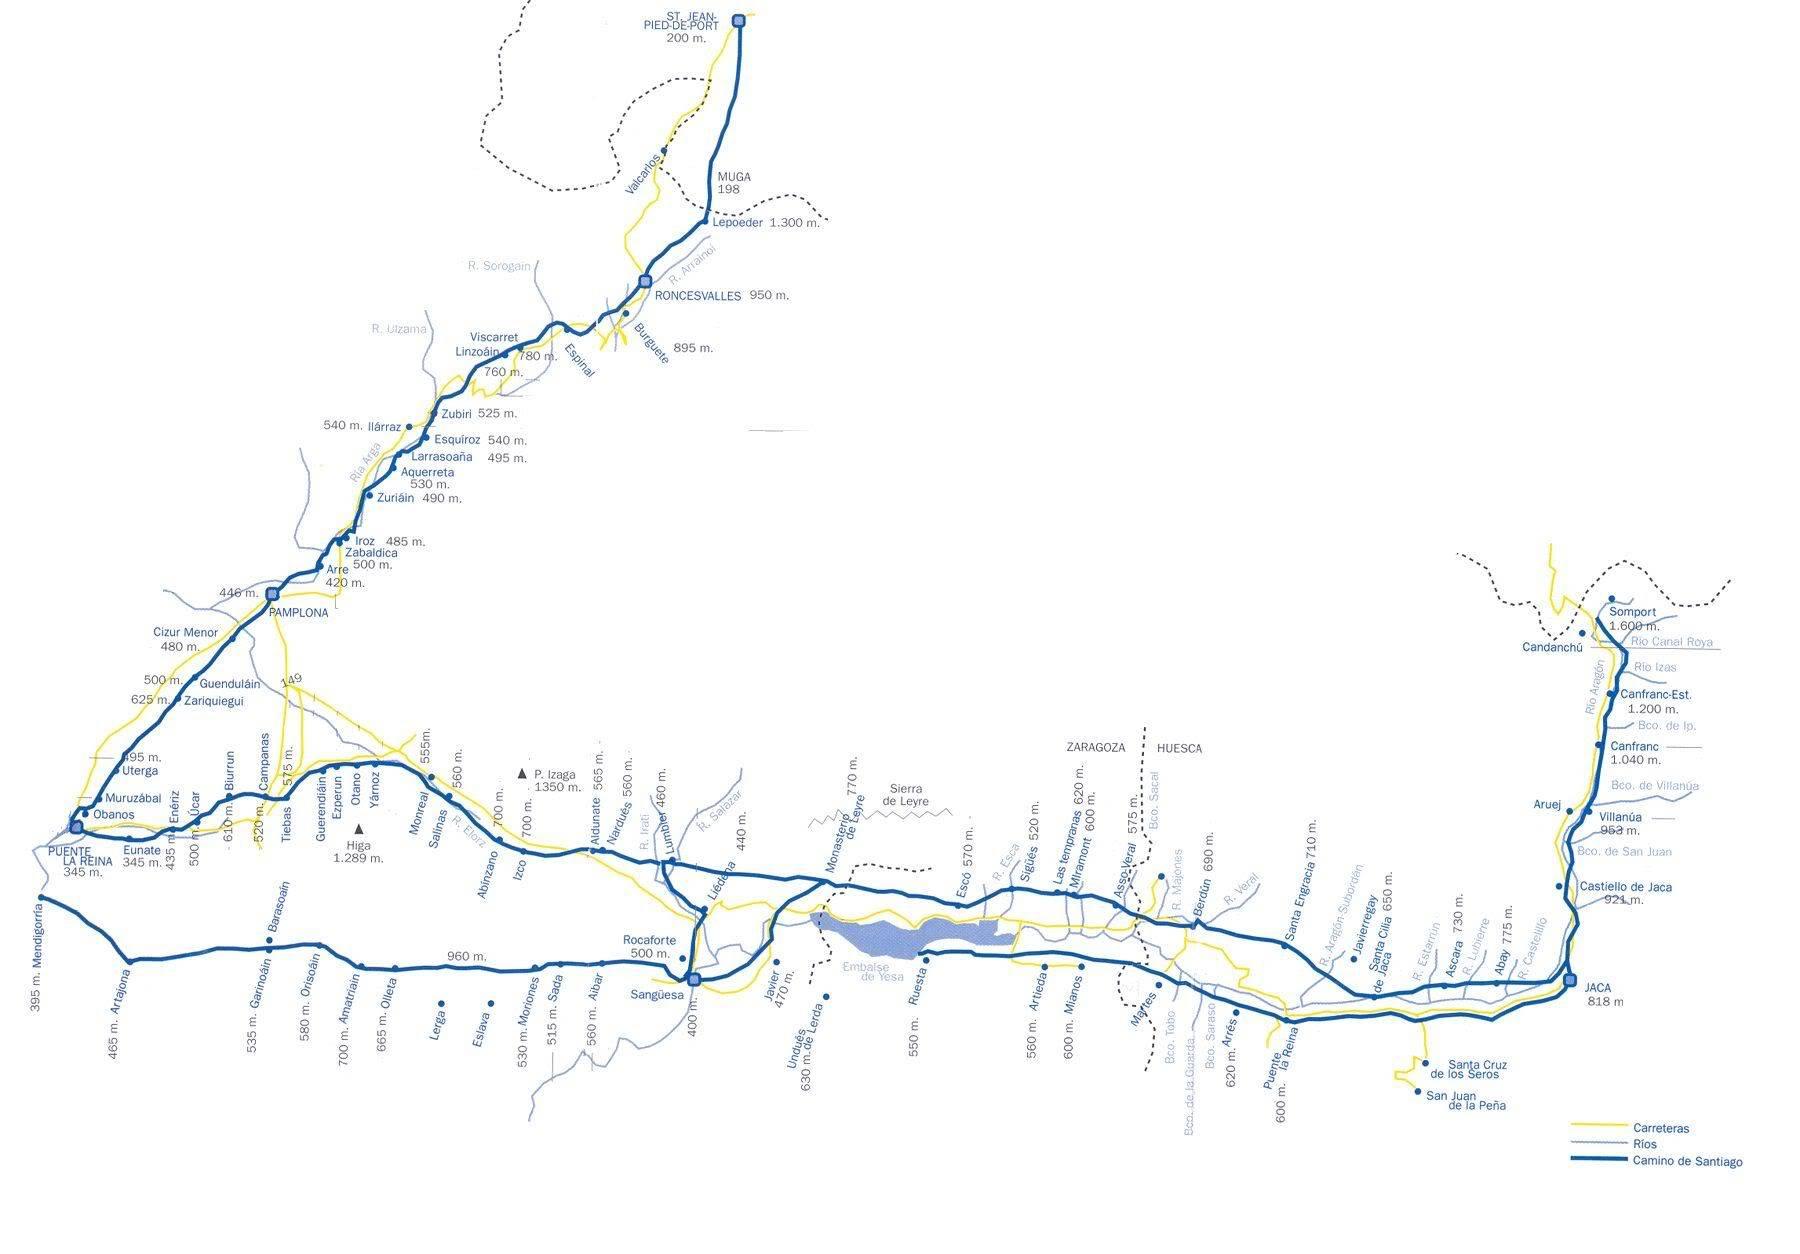 Camino de Santiago Mapa1